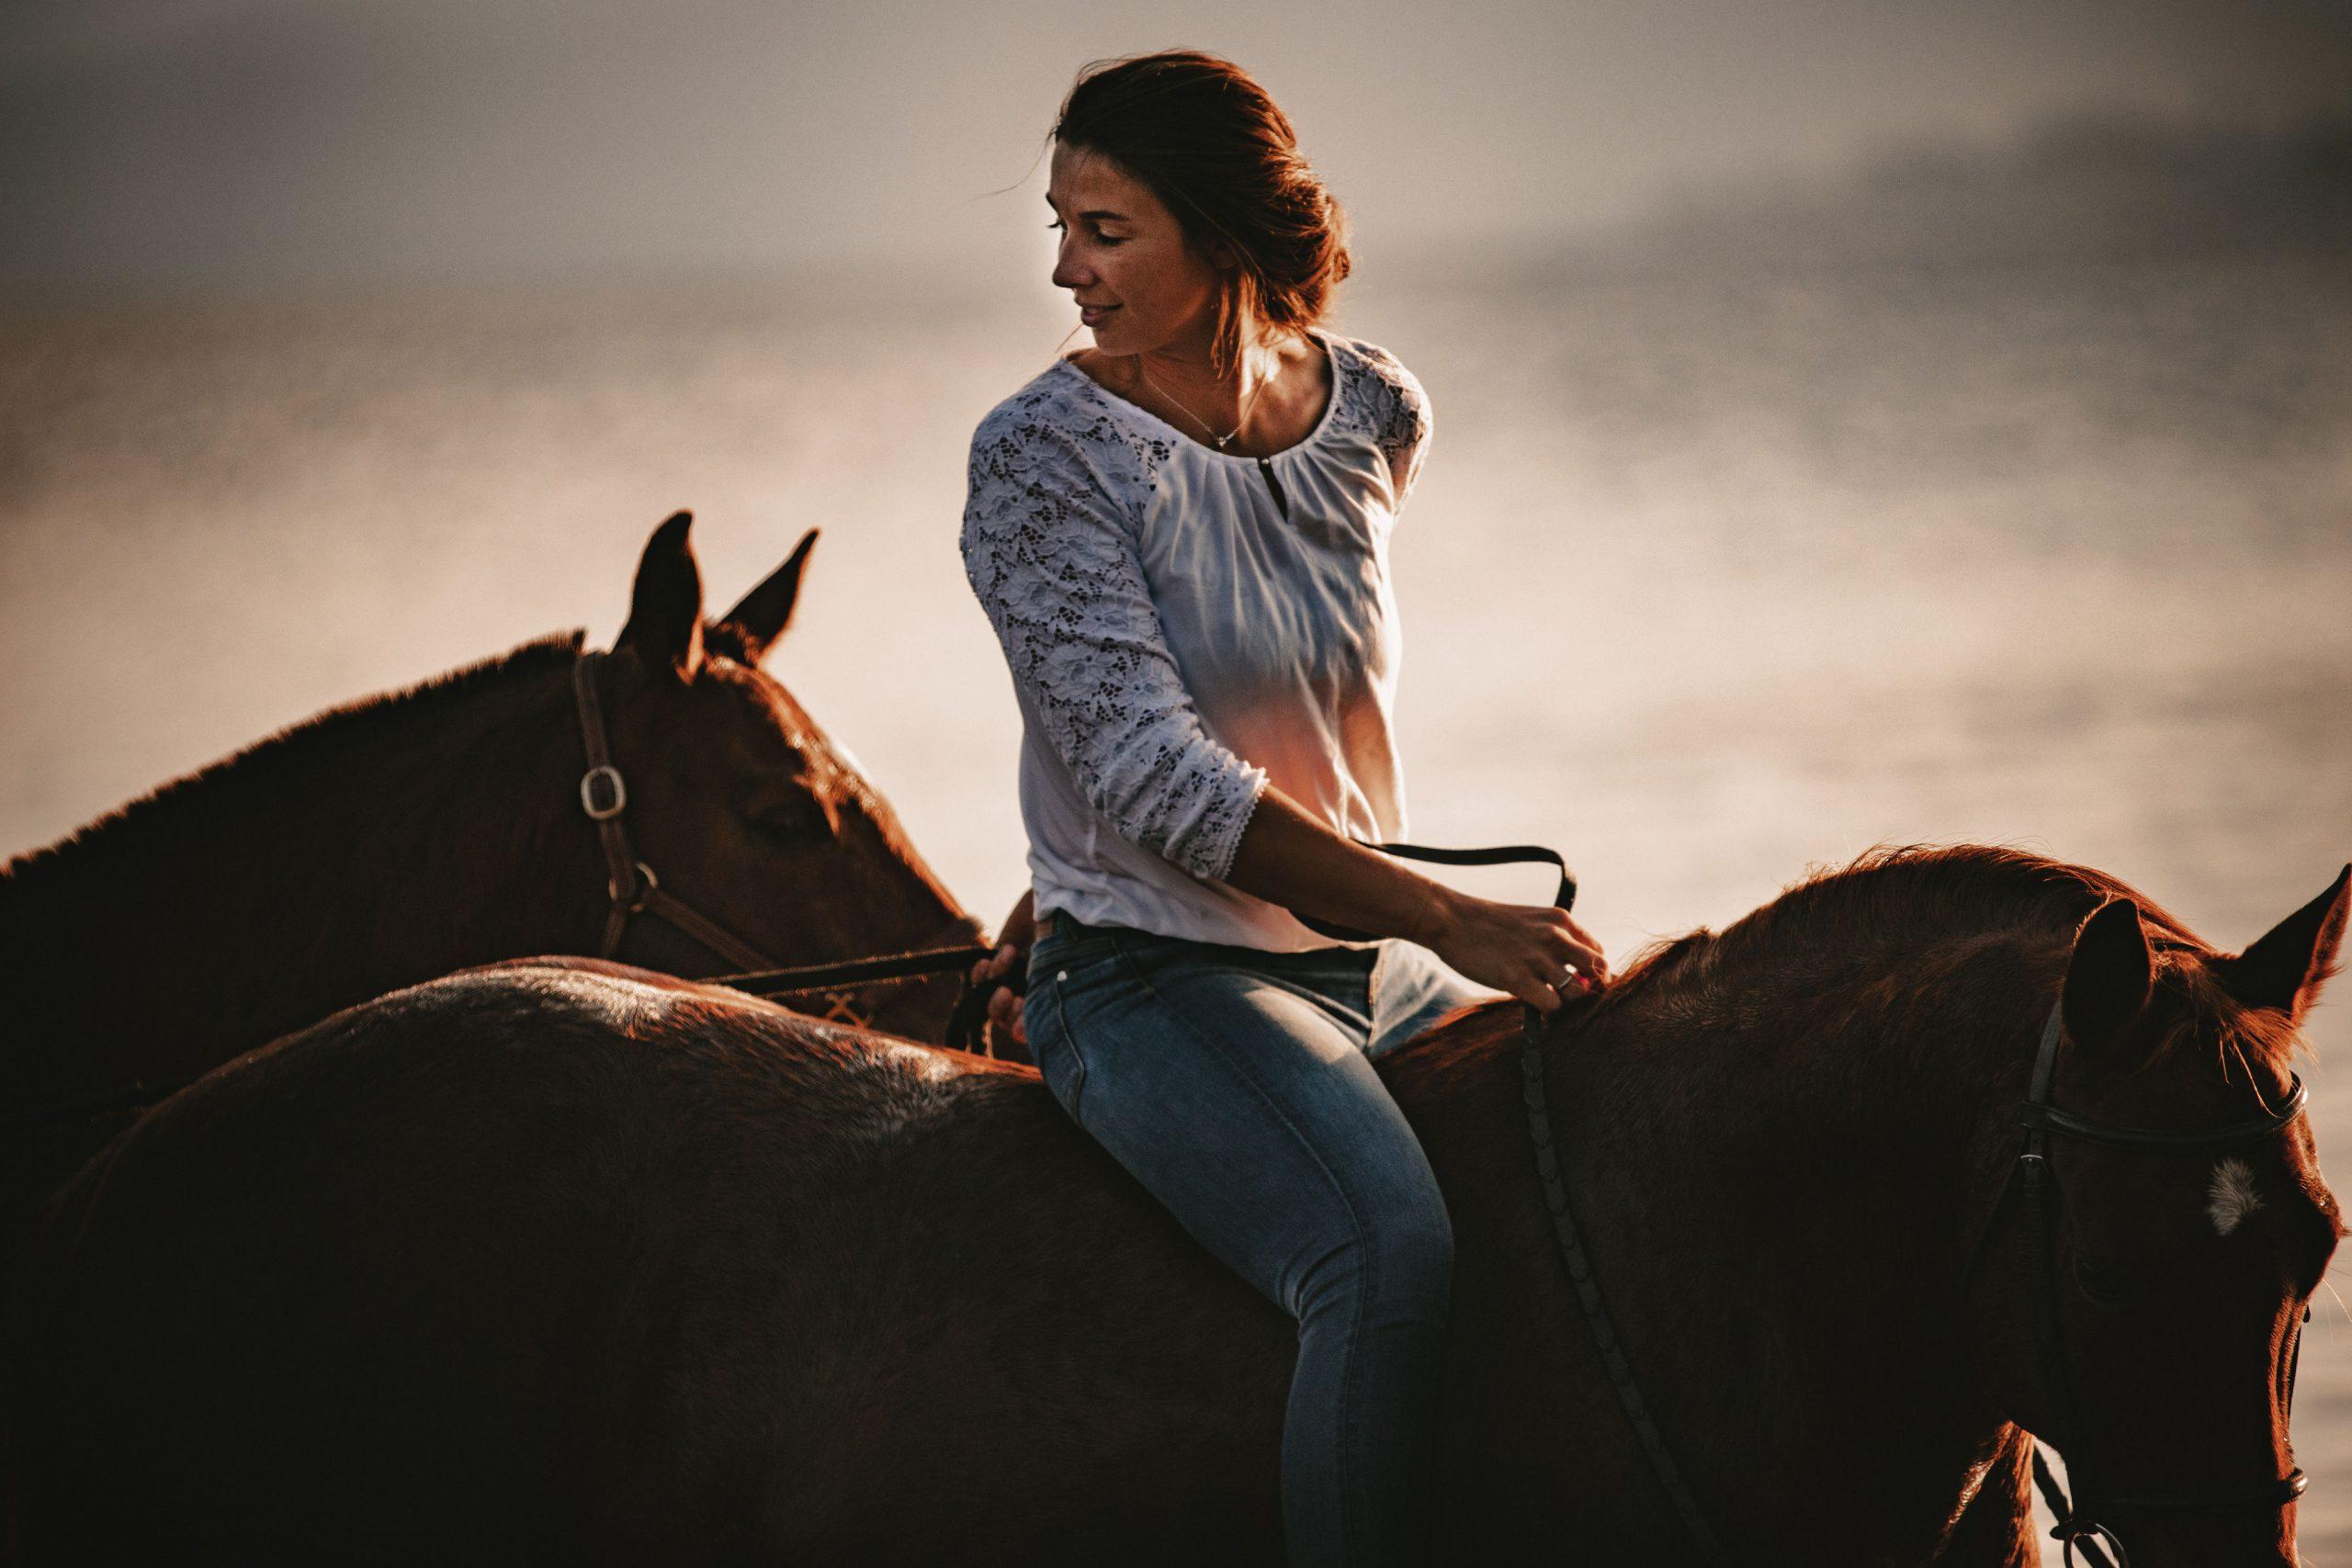 Catharina Falch ohen Sattel auf einem Pferd mit Handpferd